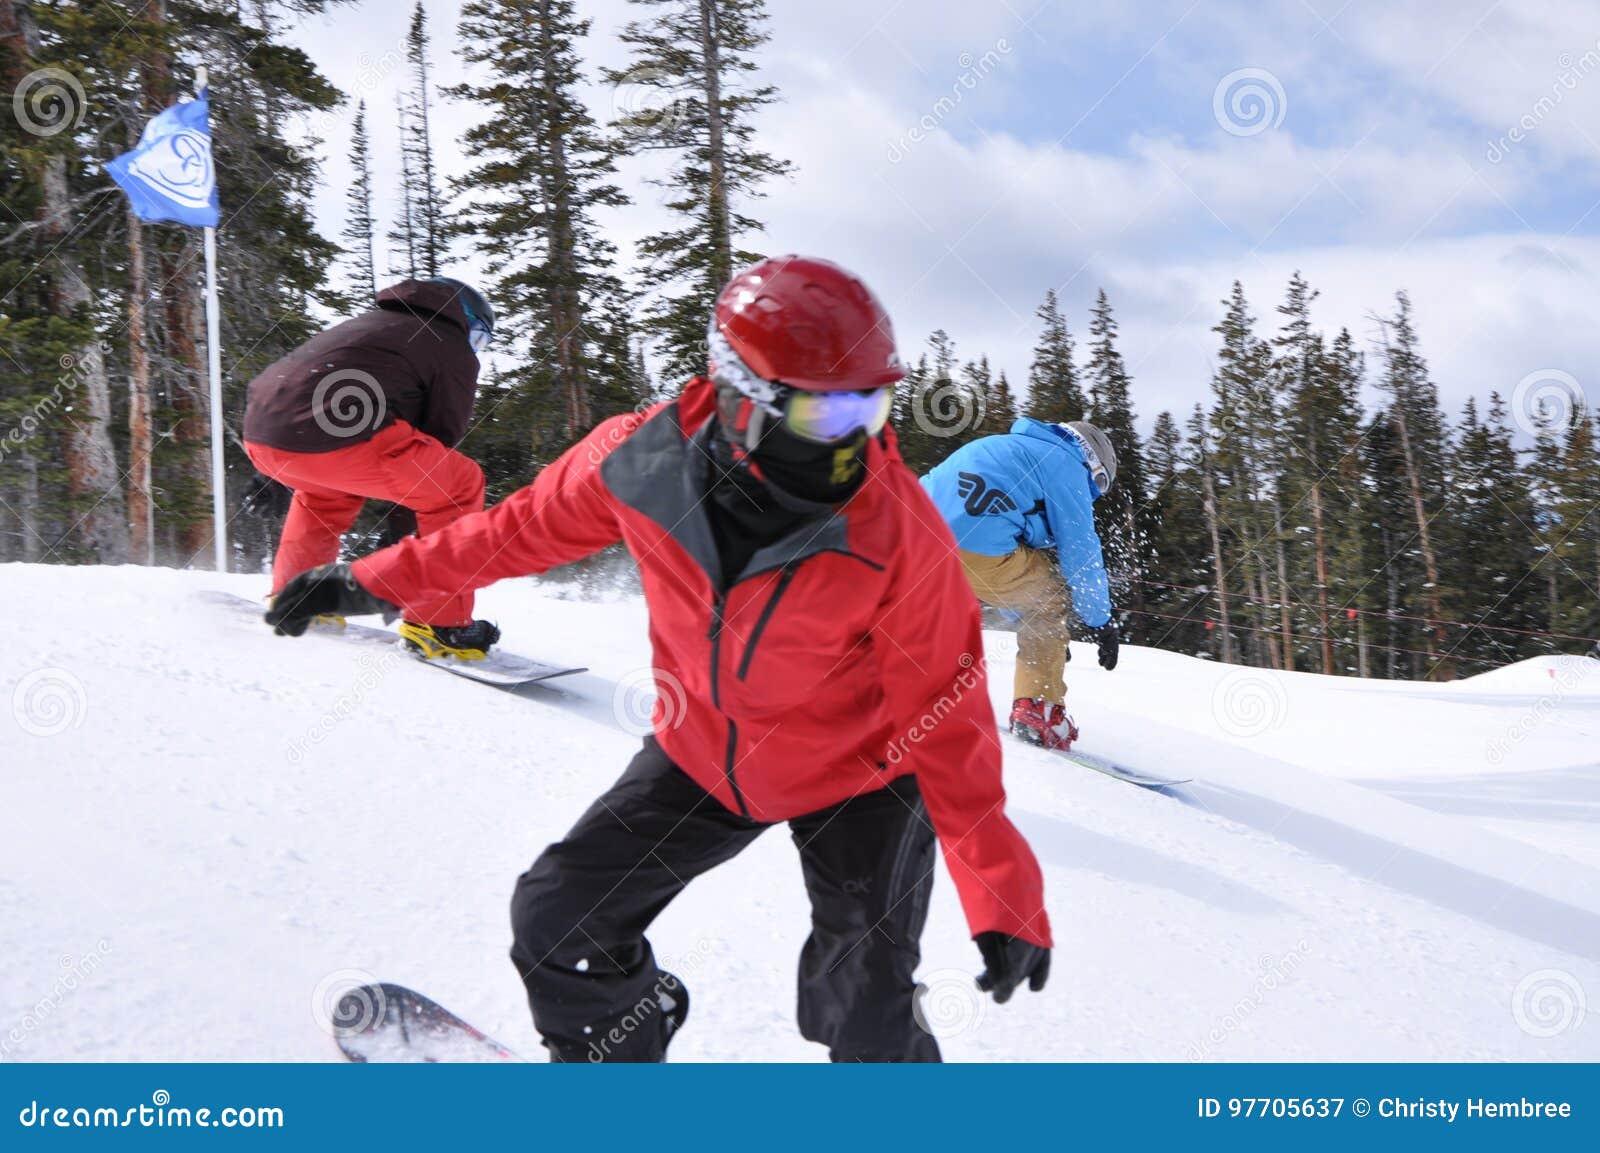 Sessione dolce: Sogno degli Snowboarders, Beaver Creek, località di soggiorno di Vail, Colorado